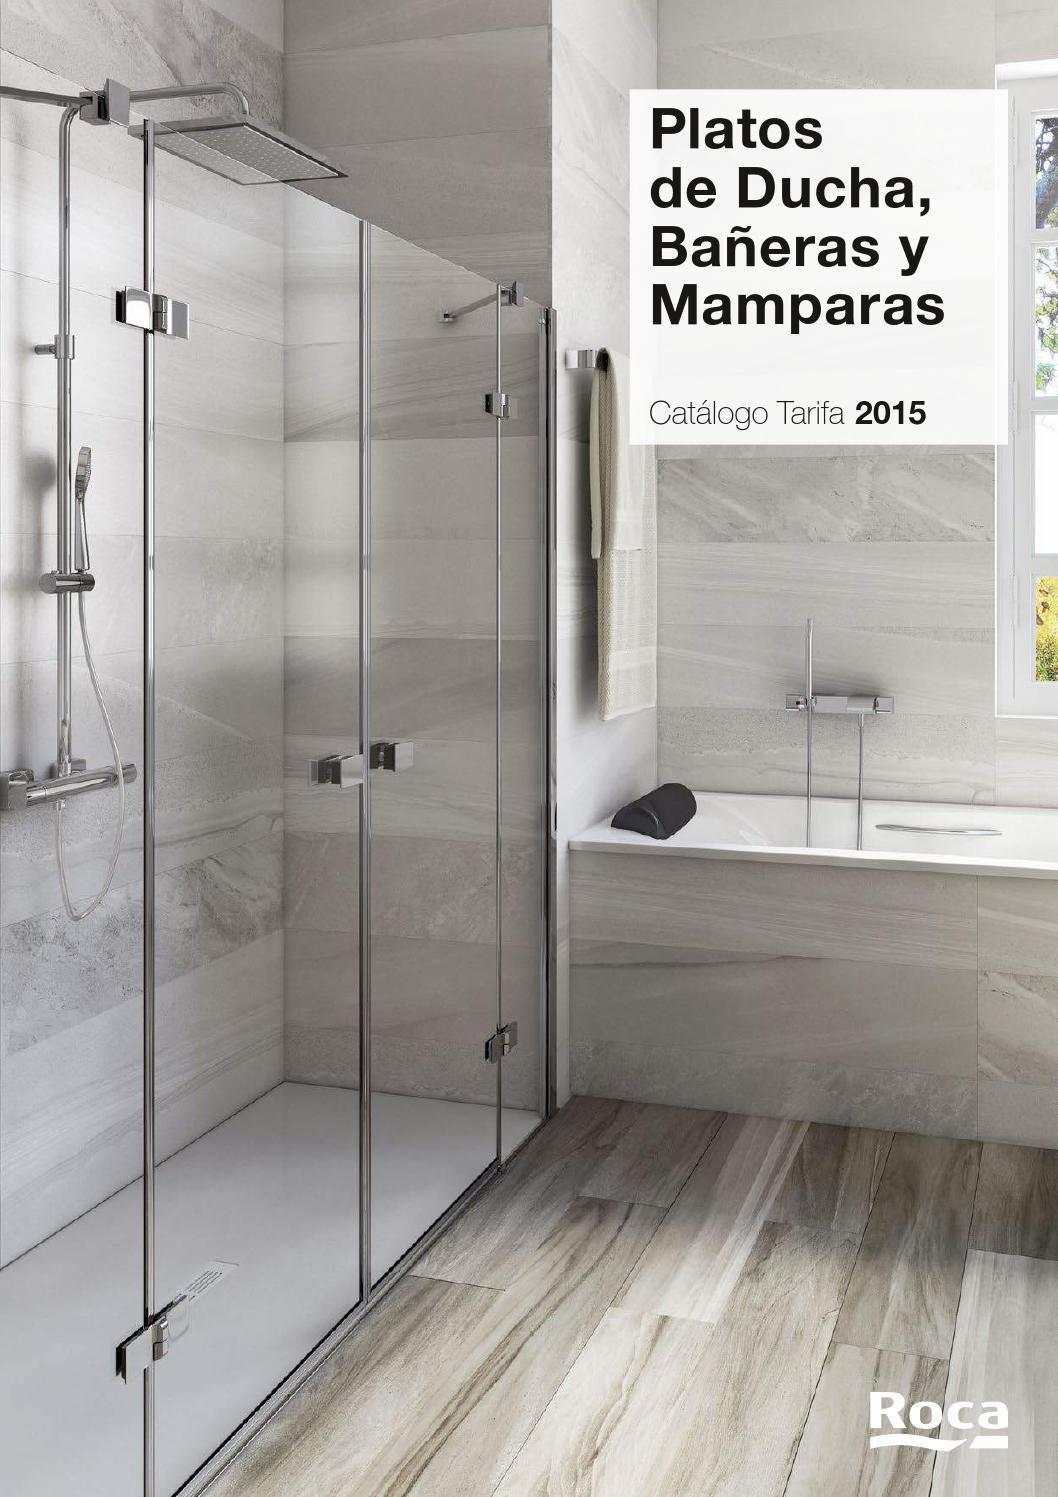 platos de ducha ba eras y mamparas cat logo tarifa 2015